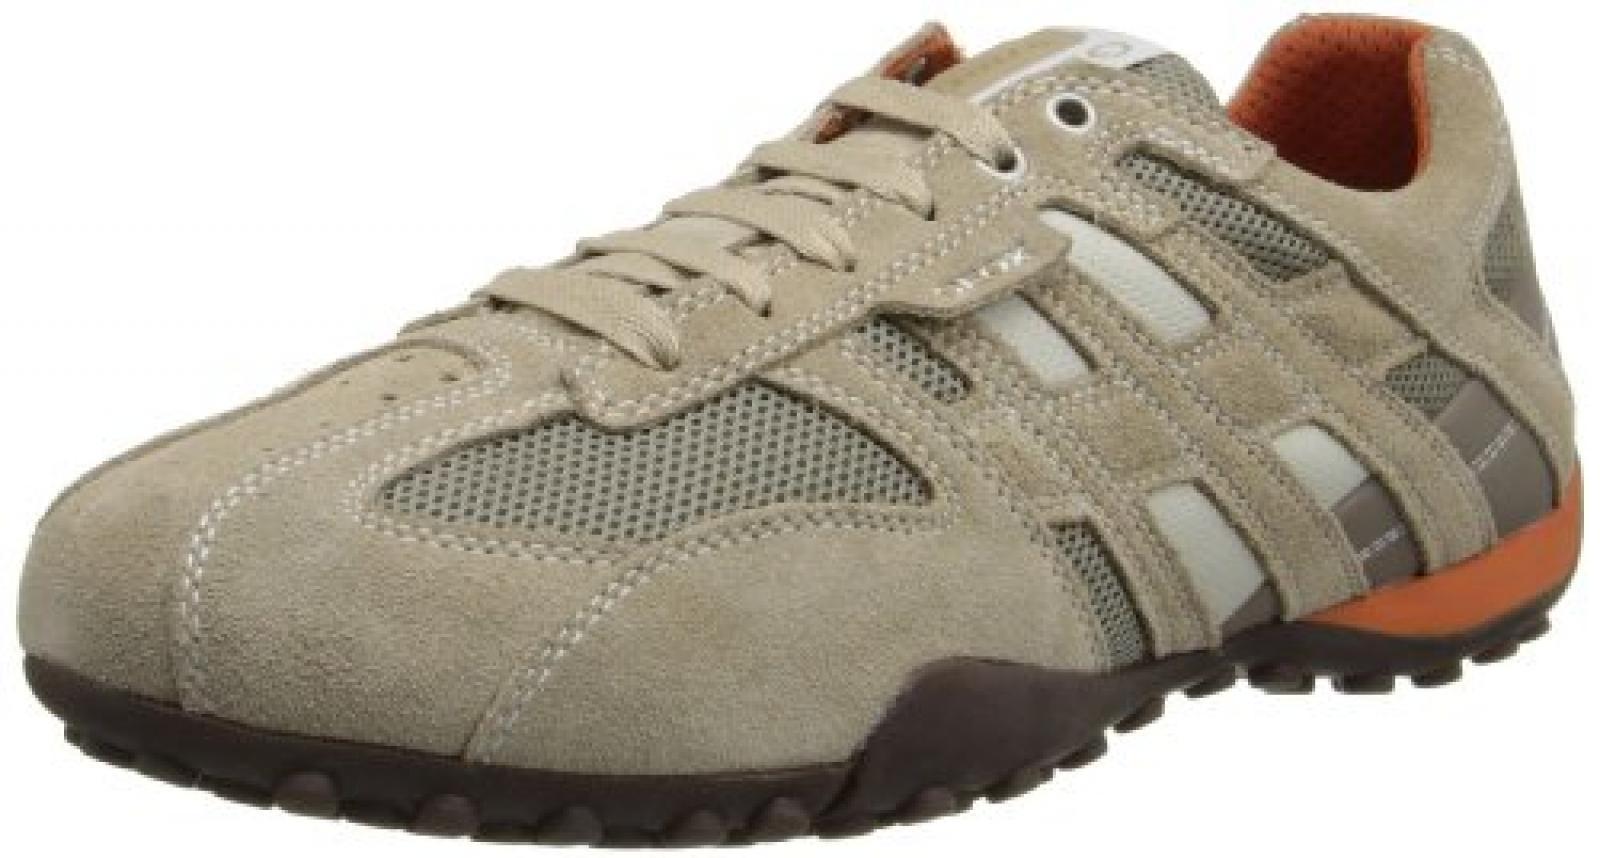 Geox UOMO SNAKE K Herren Sneakers